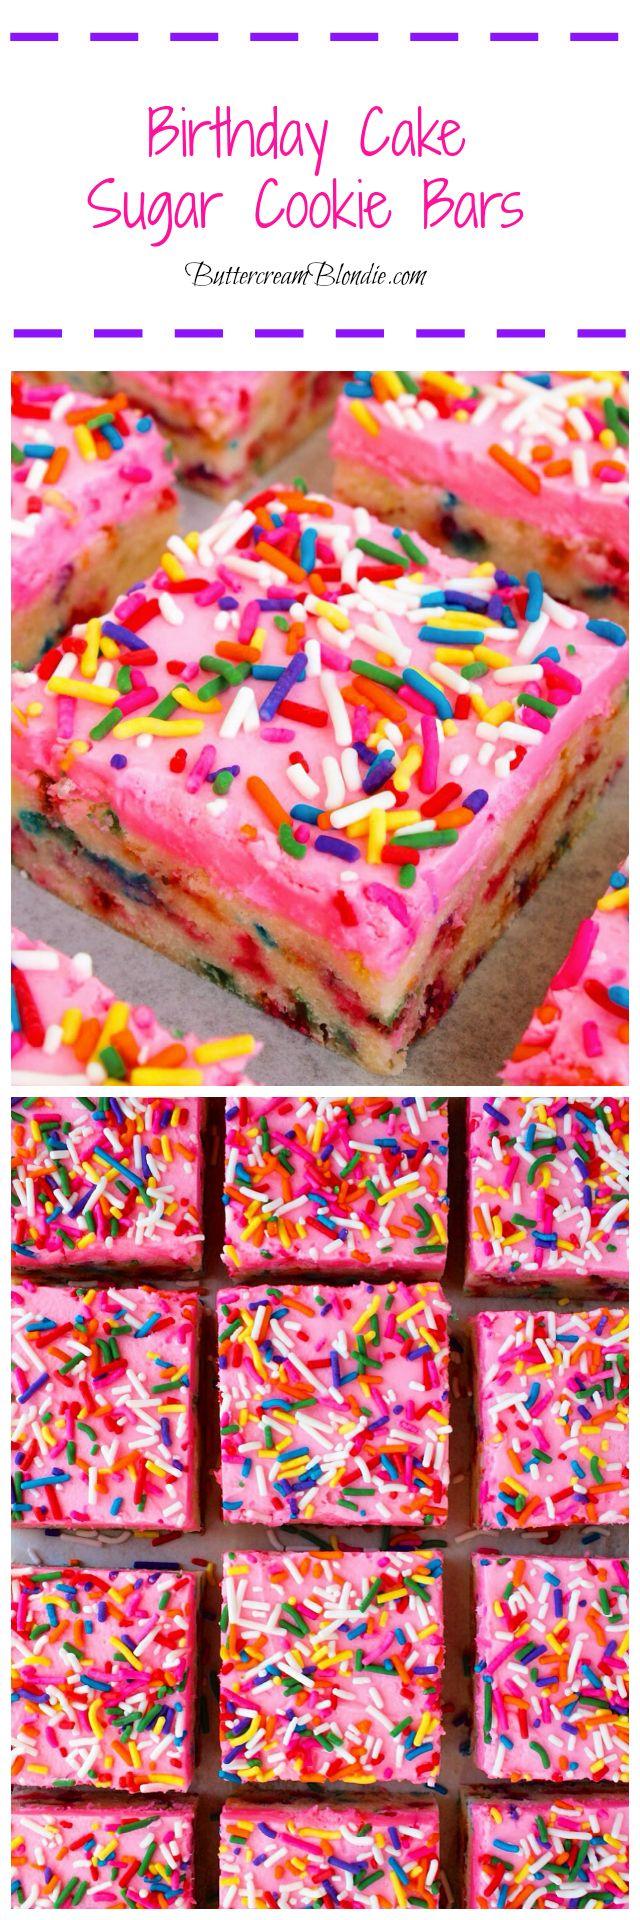 Birthday Cake Sugar Cookie Bars – Superleichte Sugar Cookie Bars sind mit …   – Best Blogger Dessert RECIPES